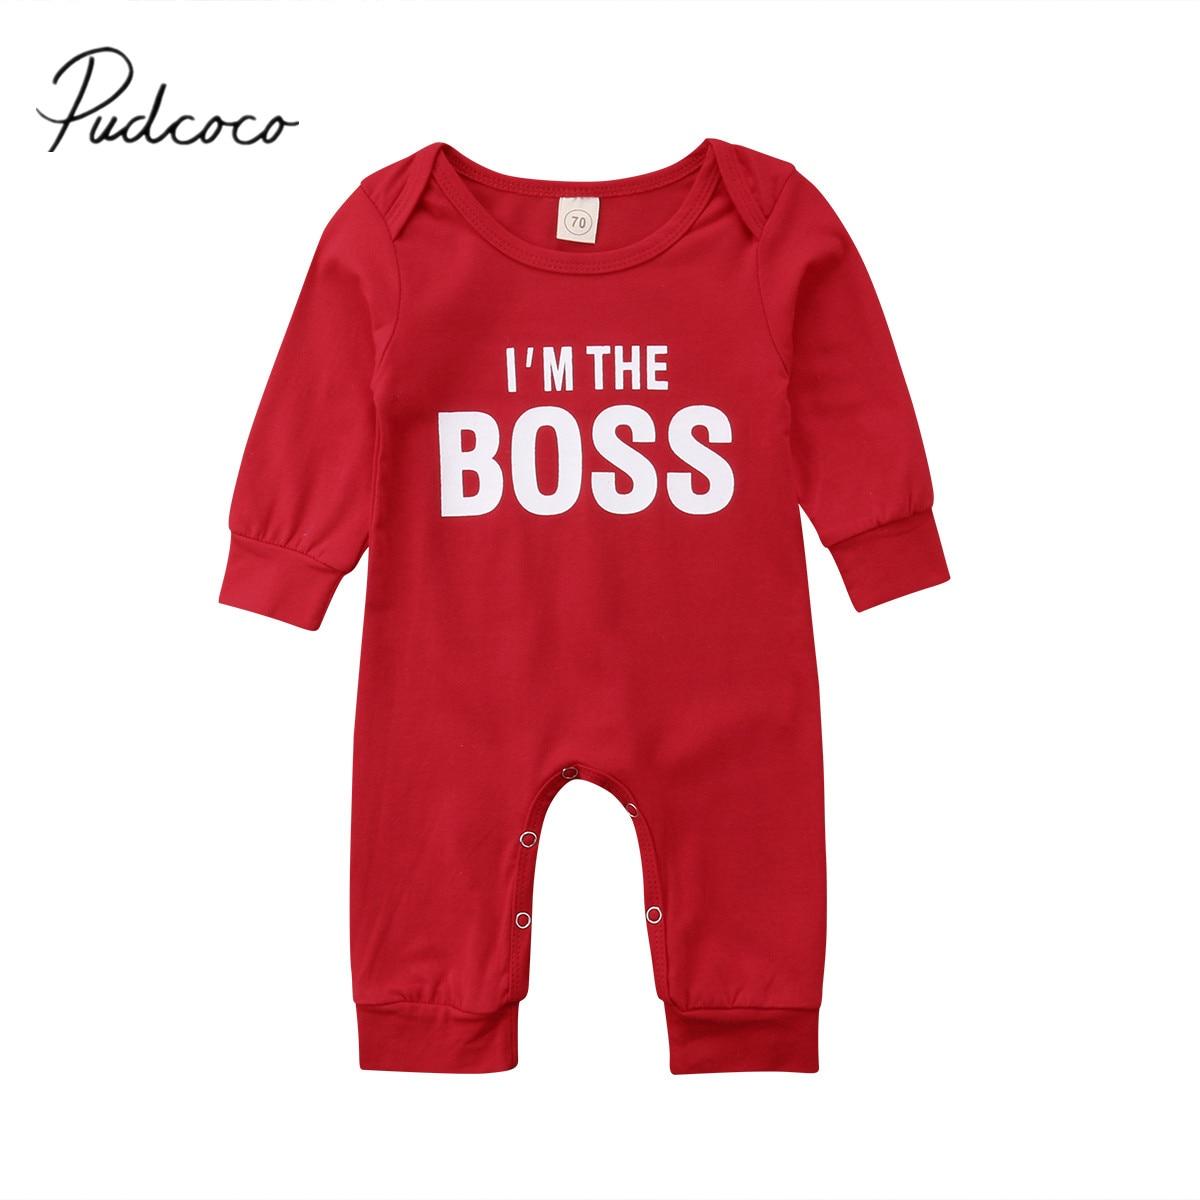 2018 Marke Neue Neugeborenen Baby Mädchen Jungen Schöne Strampler Langarm Brief Drucken Baumwolle Rot Overalls Overall Outfit 0 -24 Mt